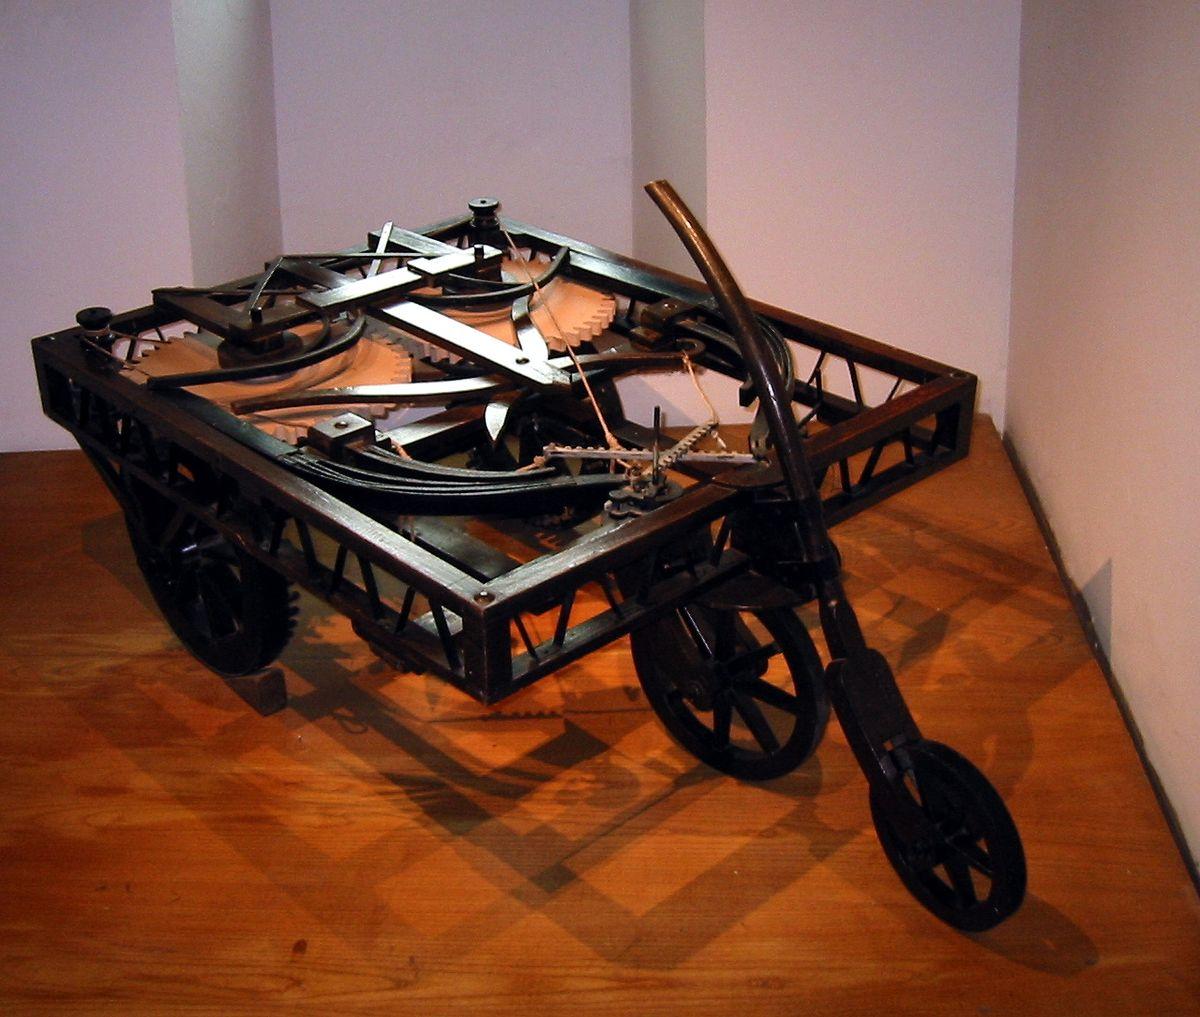 Inventos de Leonardo da Vinci: Parte 2 - 2